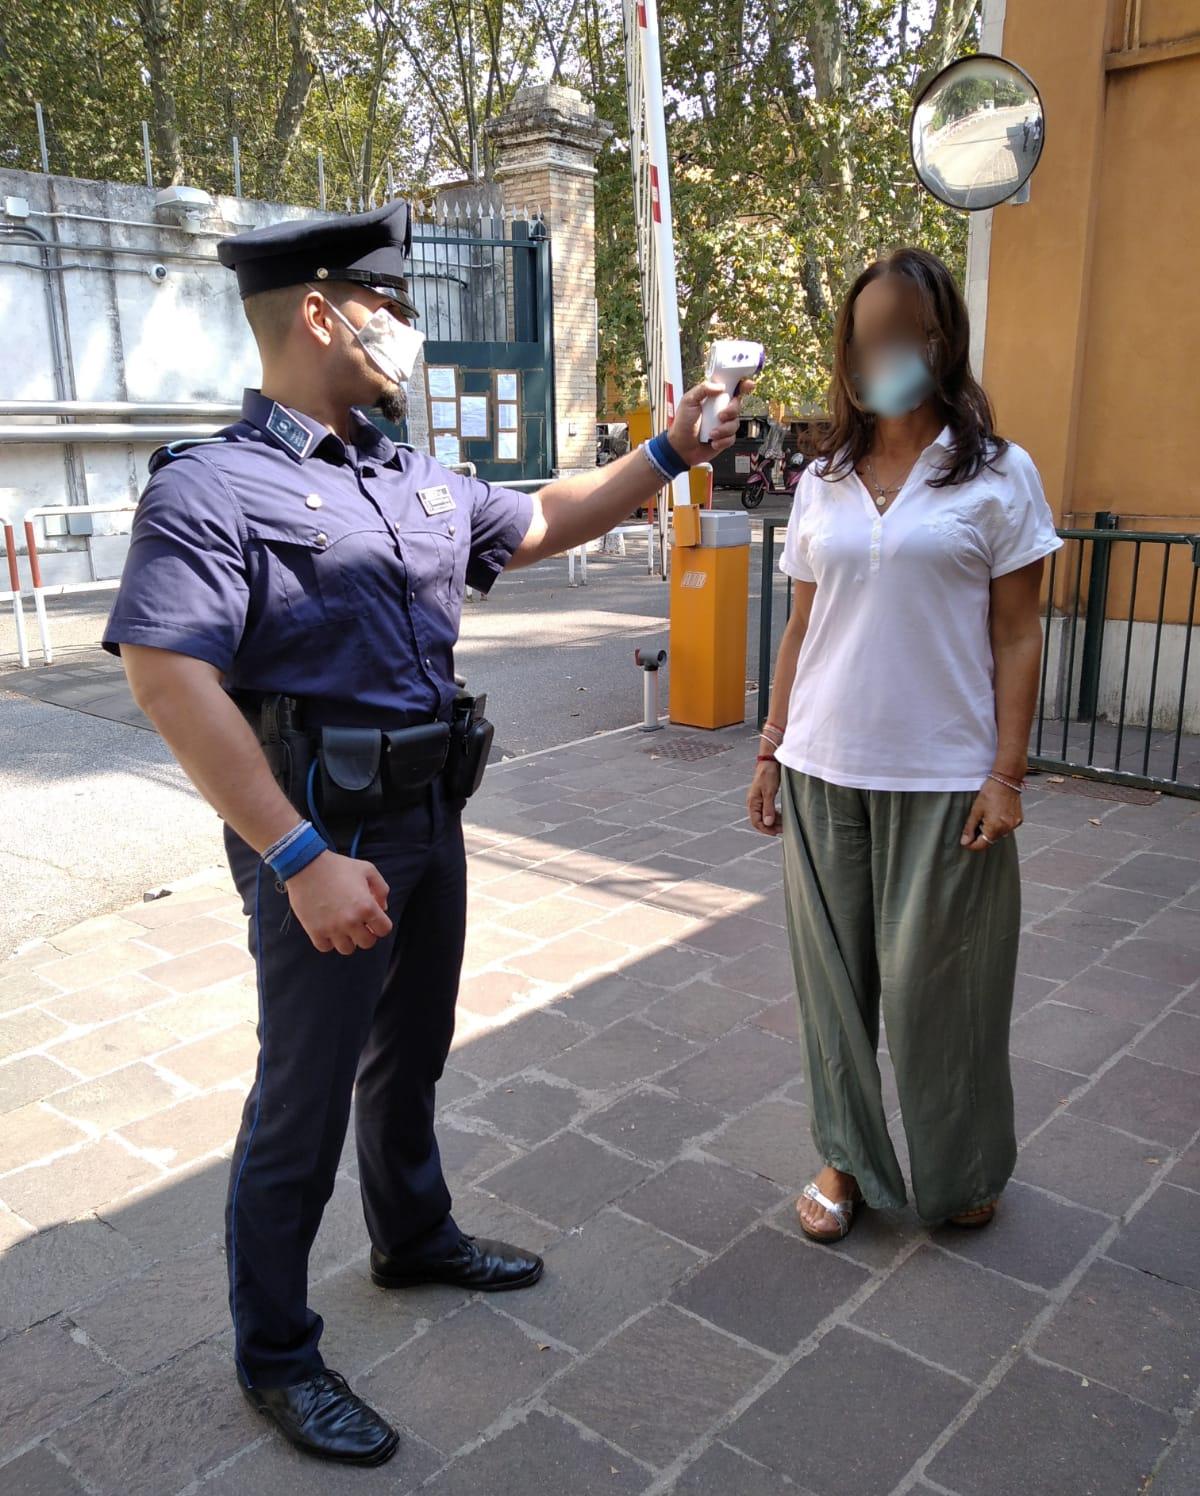 Termometro infrarossi Security.it Gisec - Emergenza Covid-19 - Istituto di Vigilanza Roma